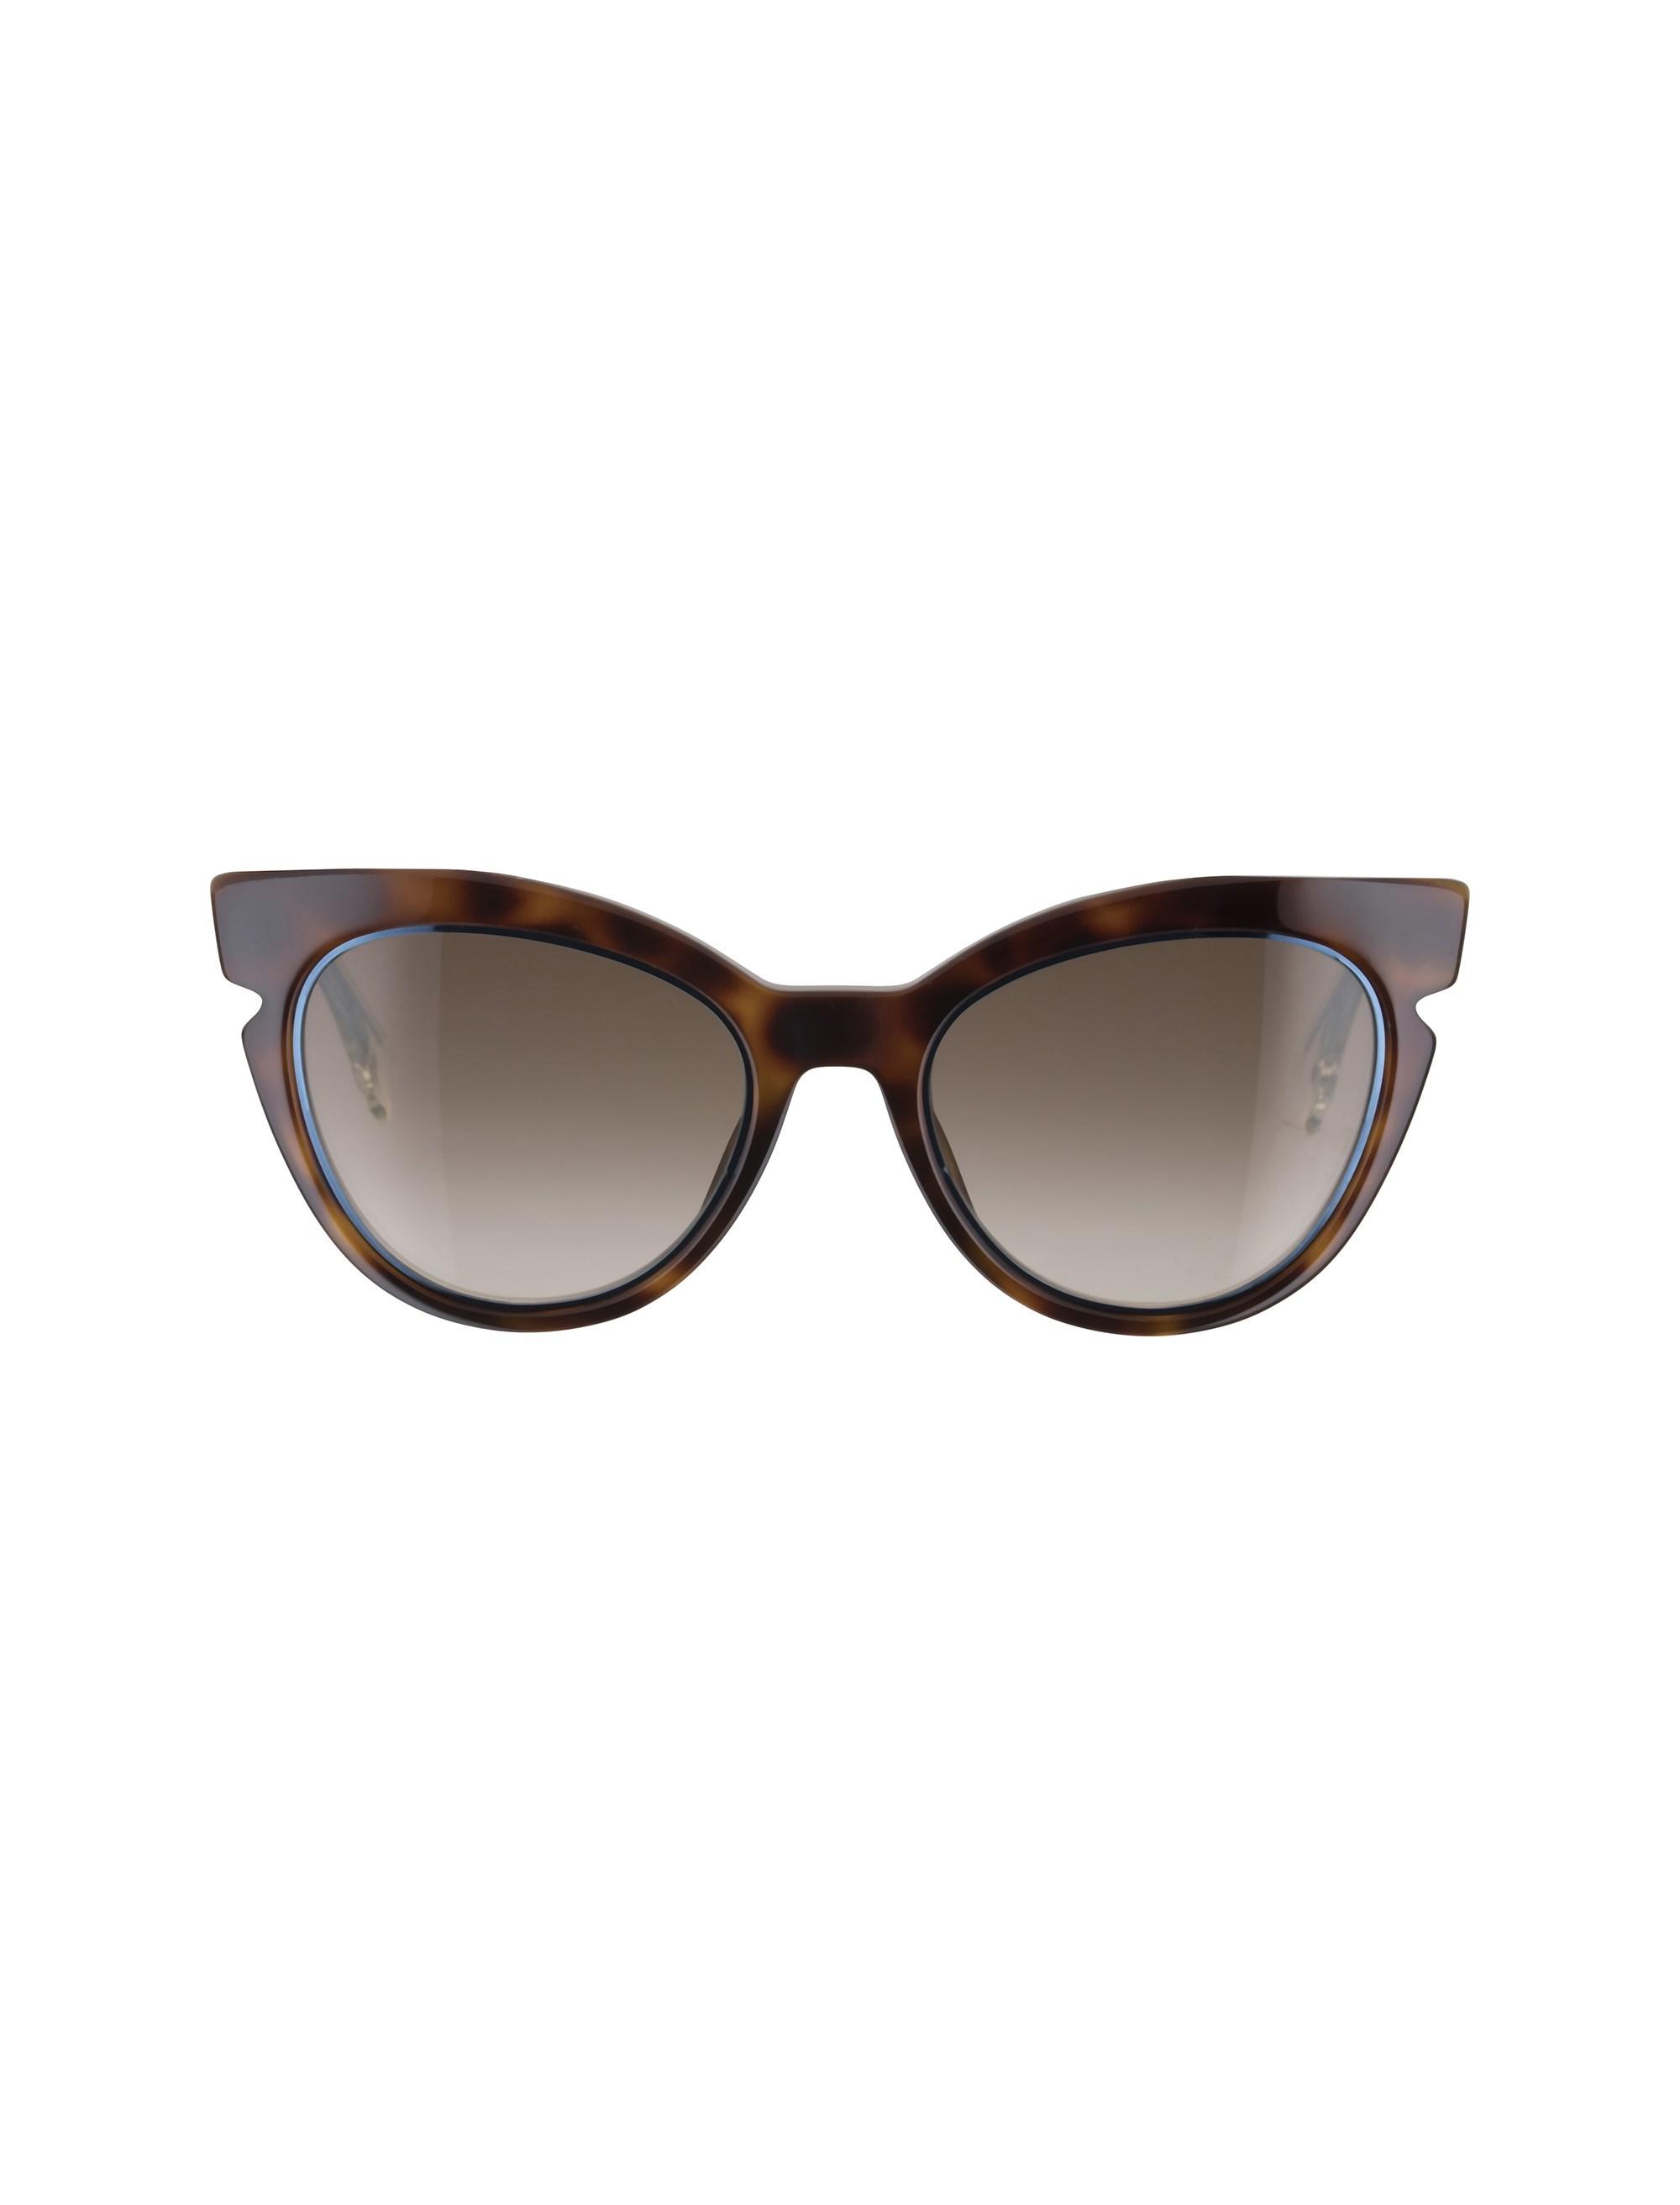 قیمت عینک آفتابی گربه ای زنانه - فندی